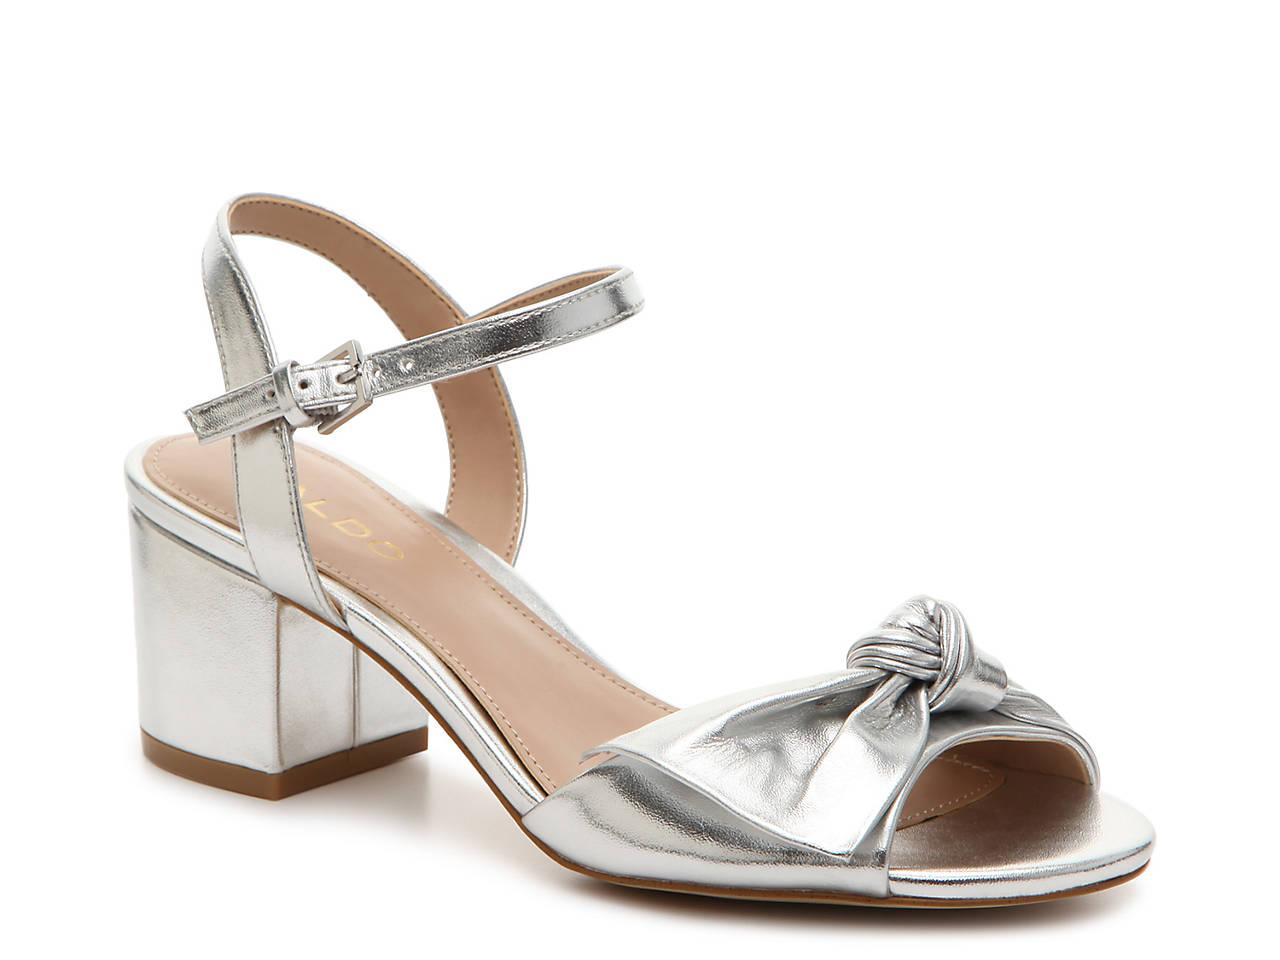 77ab651753f6 Aldo Knottie Sandal Women s Shoes